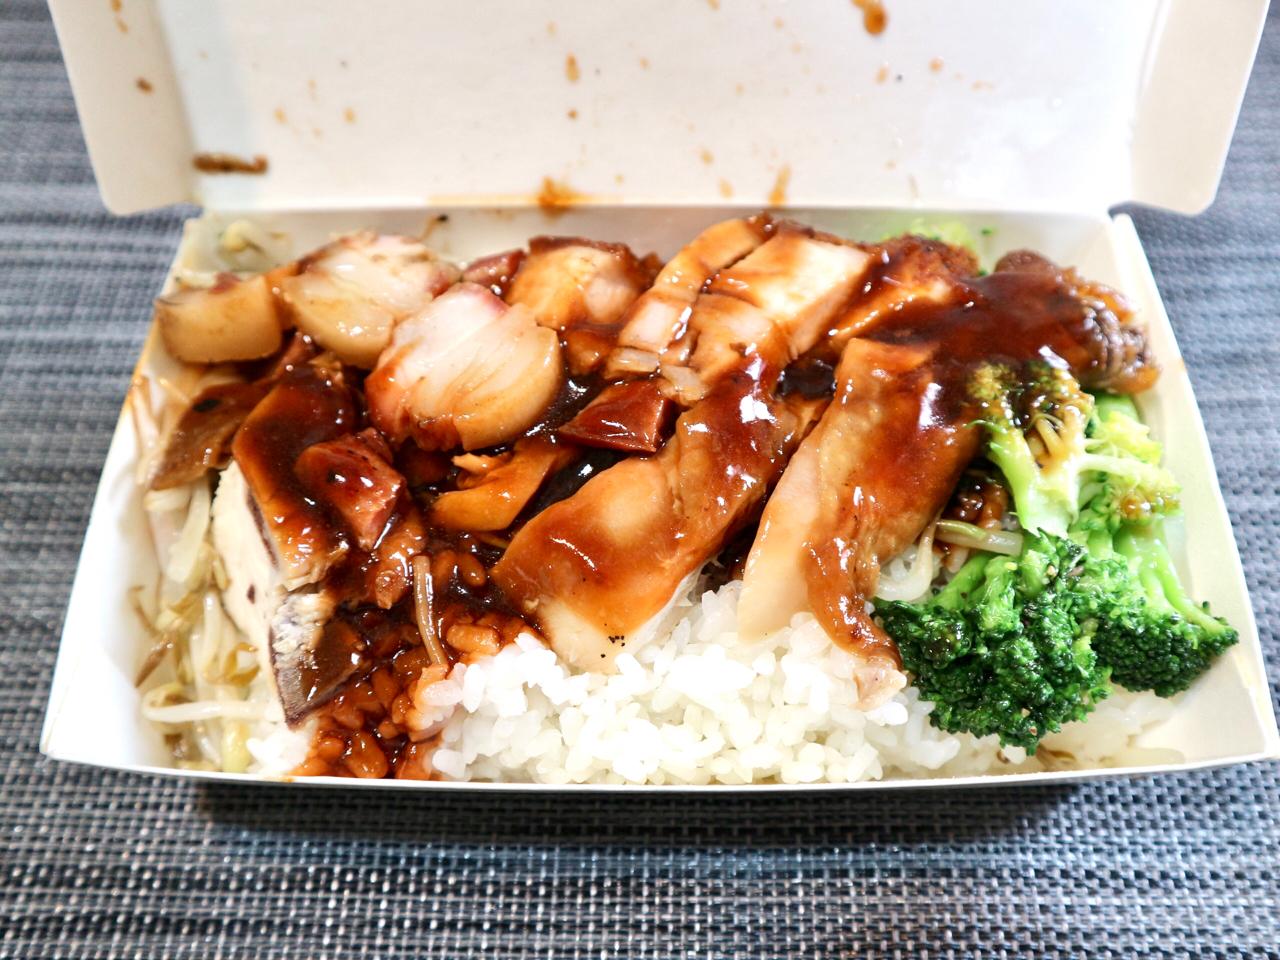 【台湾】ロースト肉が3種類のった定食「三寶飯」を人気店でテイクアウト!台北「鳳城燒臘粤菜」 画像6